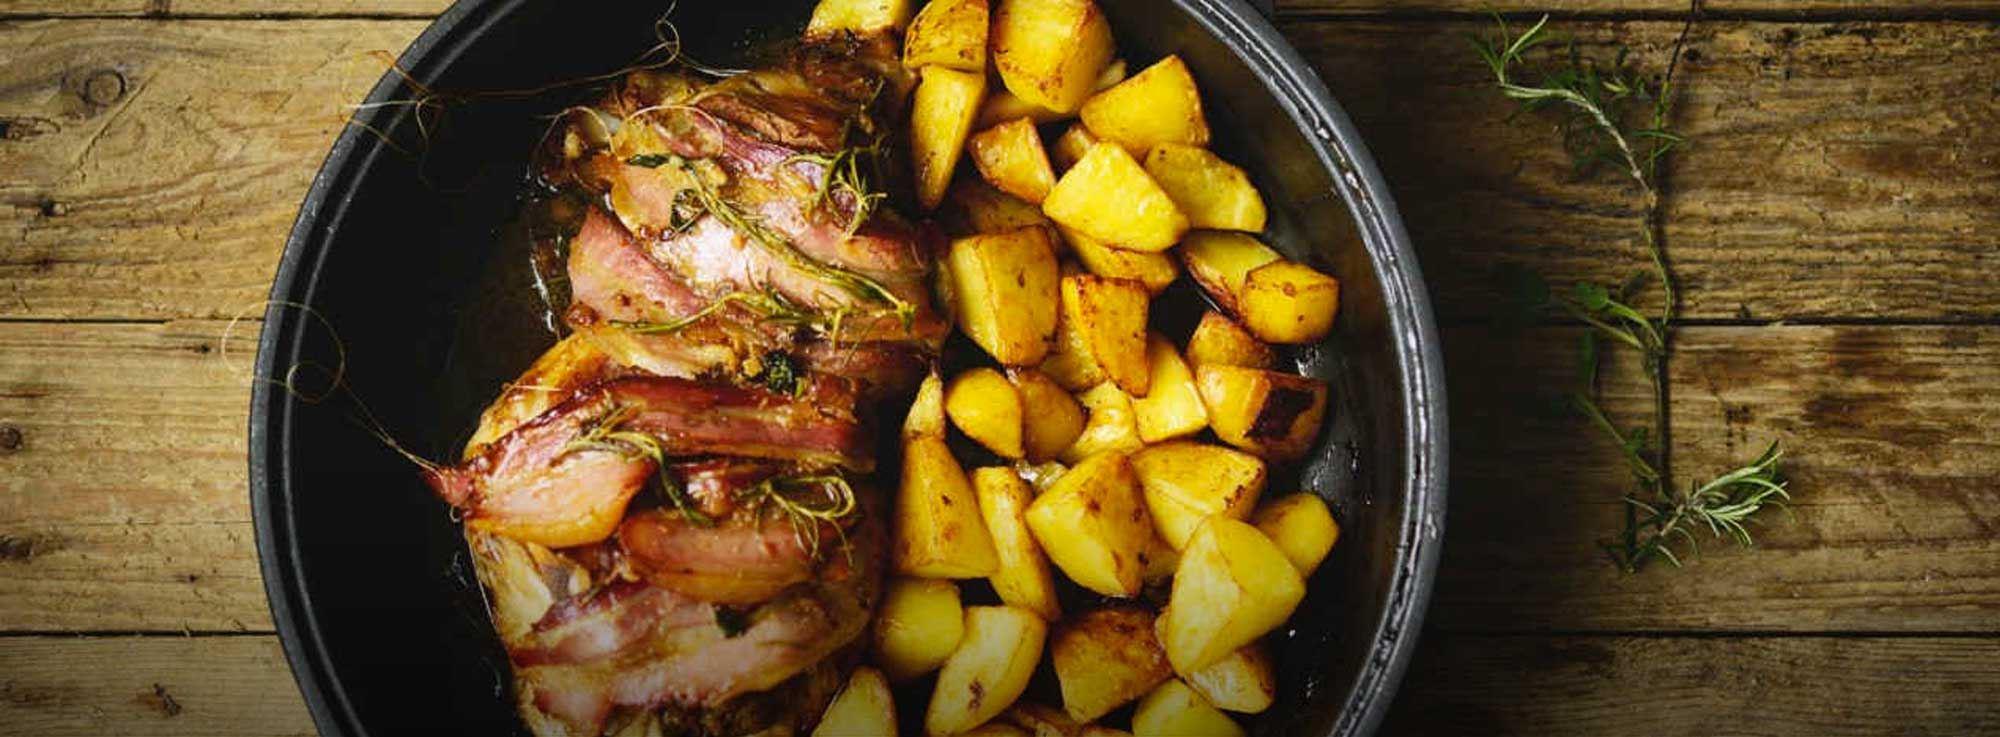 Ricetta: Agnello al forno con patate